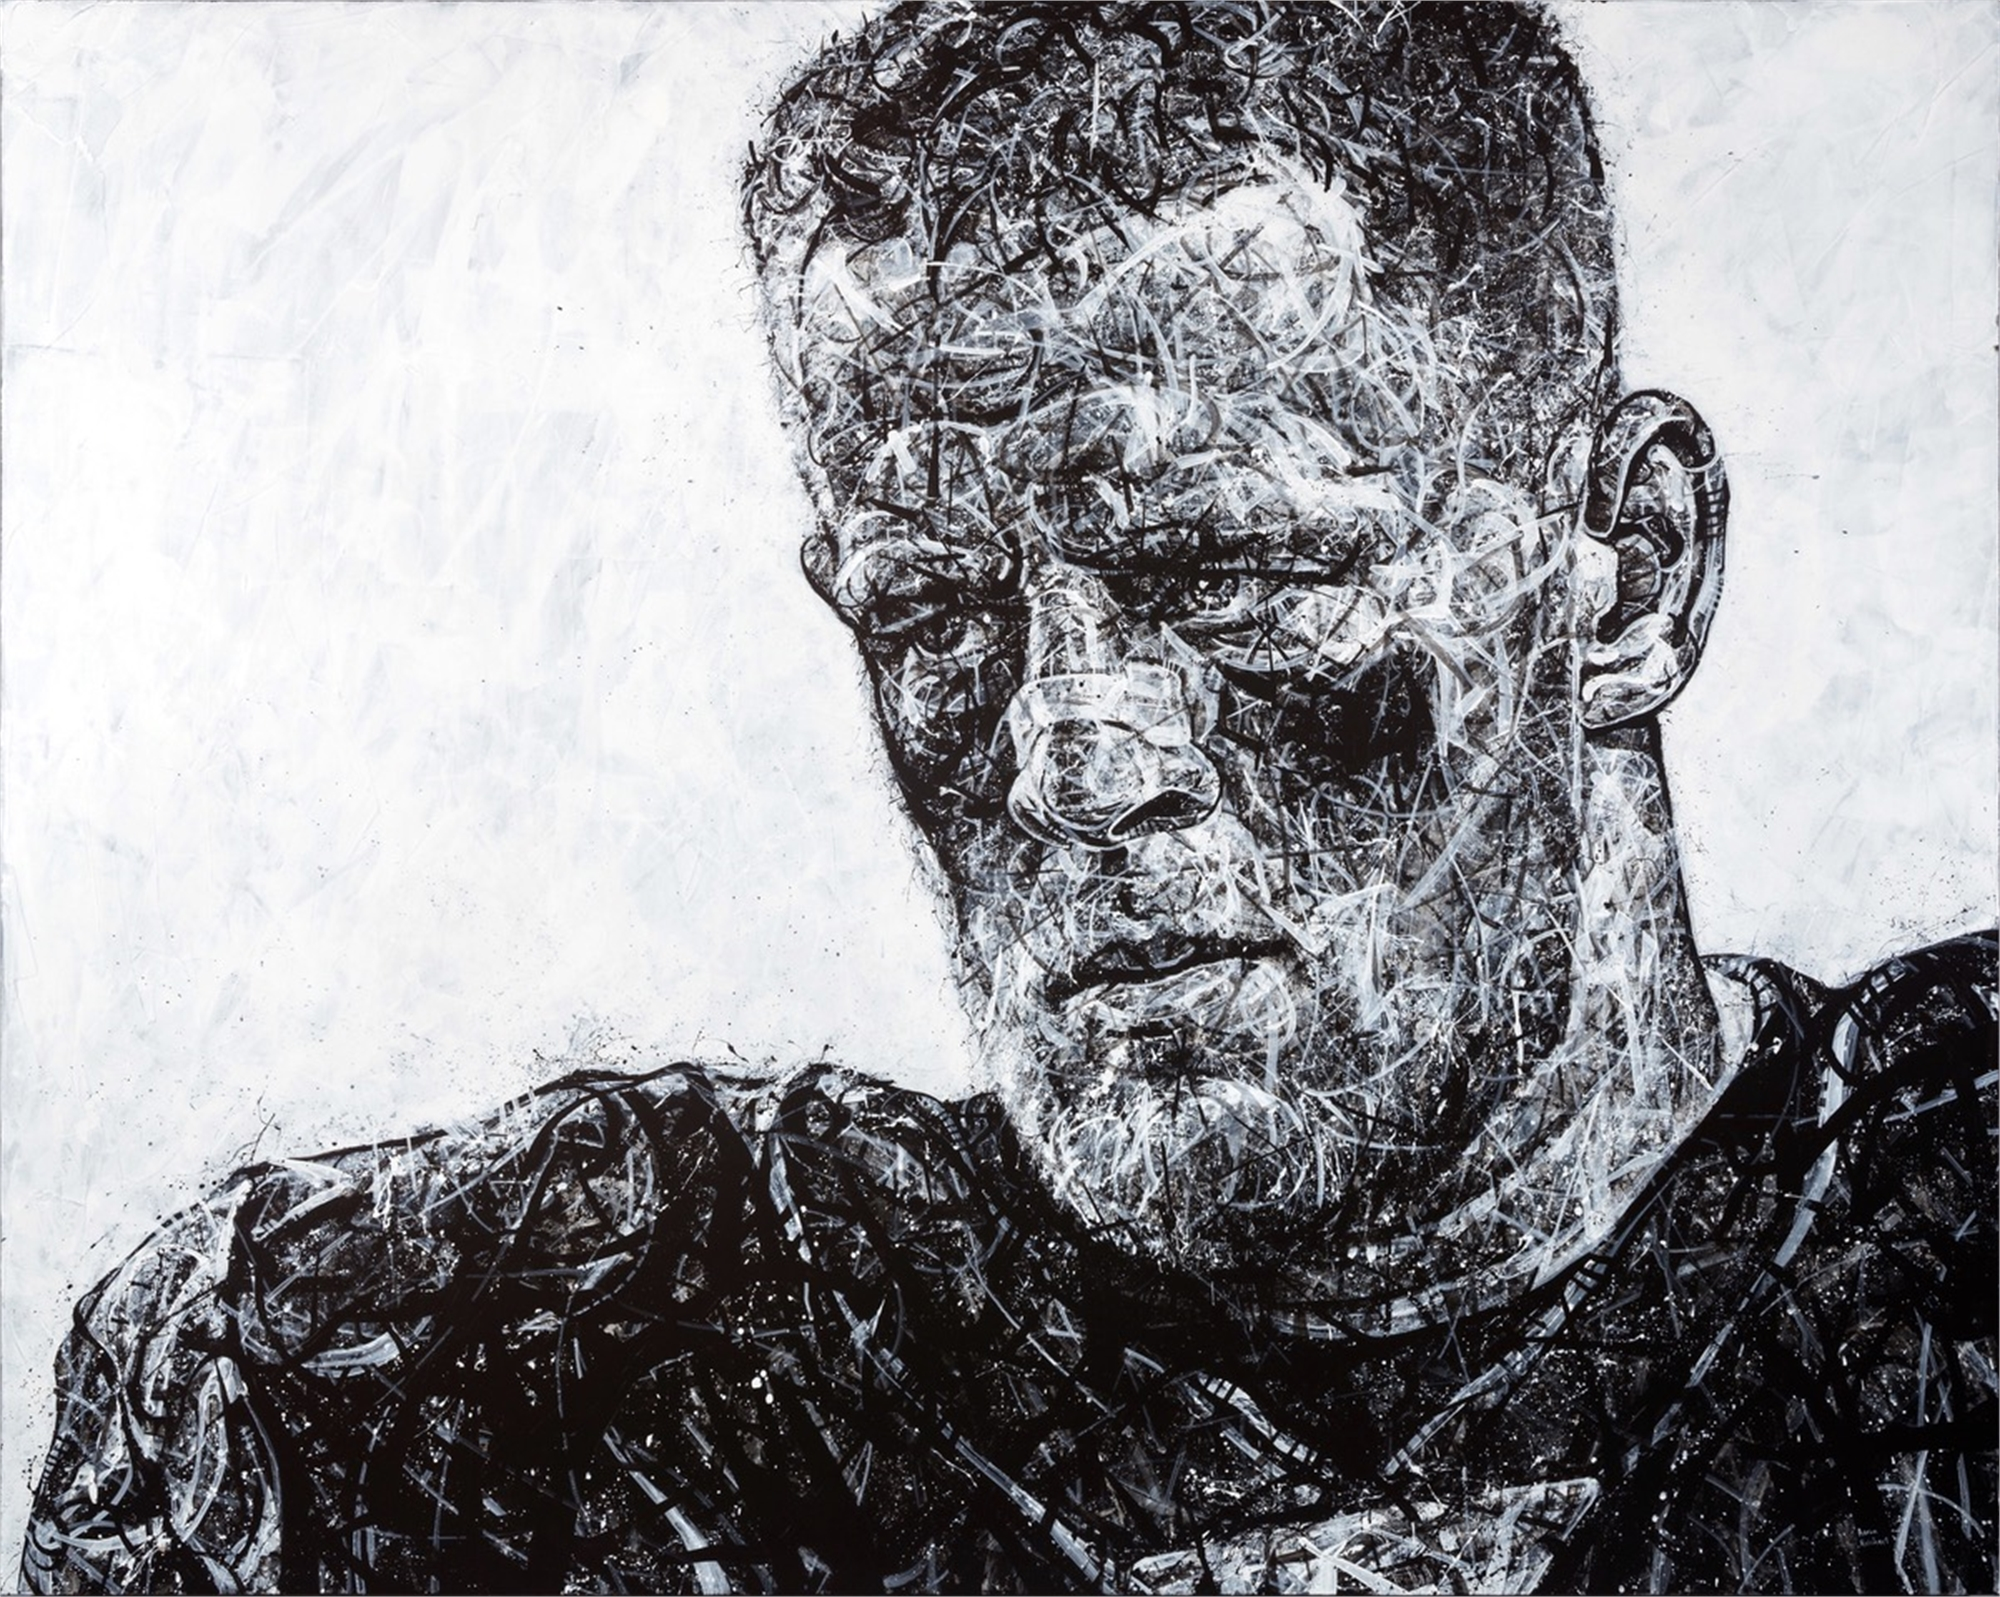 Football - JJ Watt by Aaron Reichert